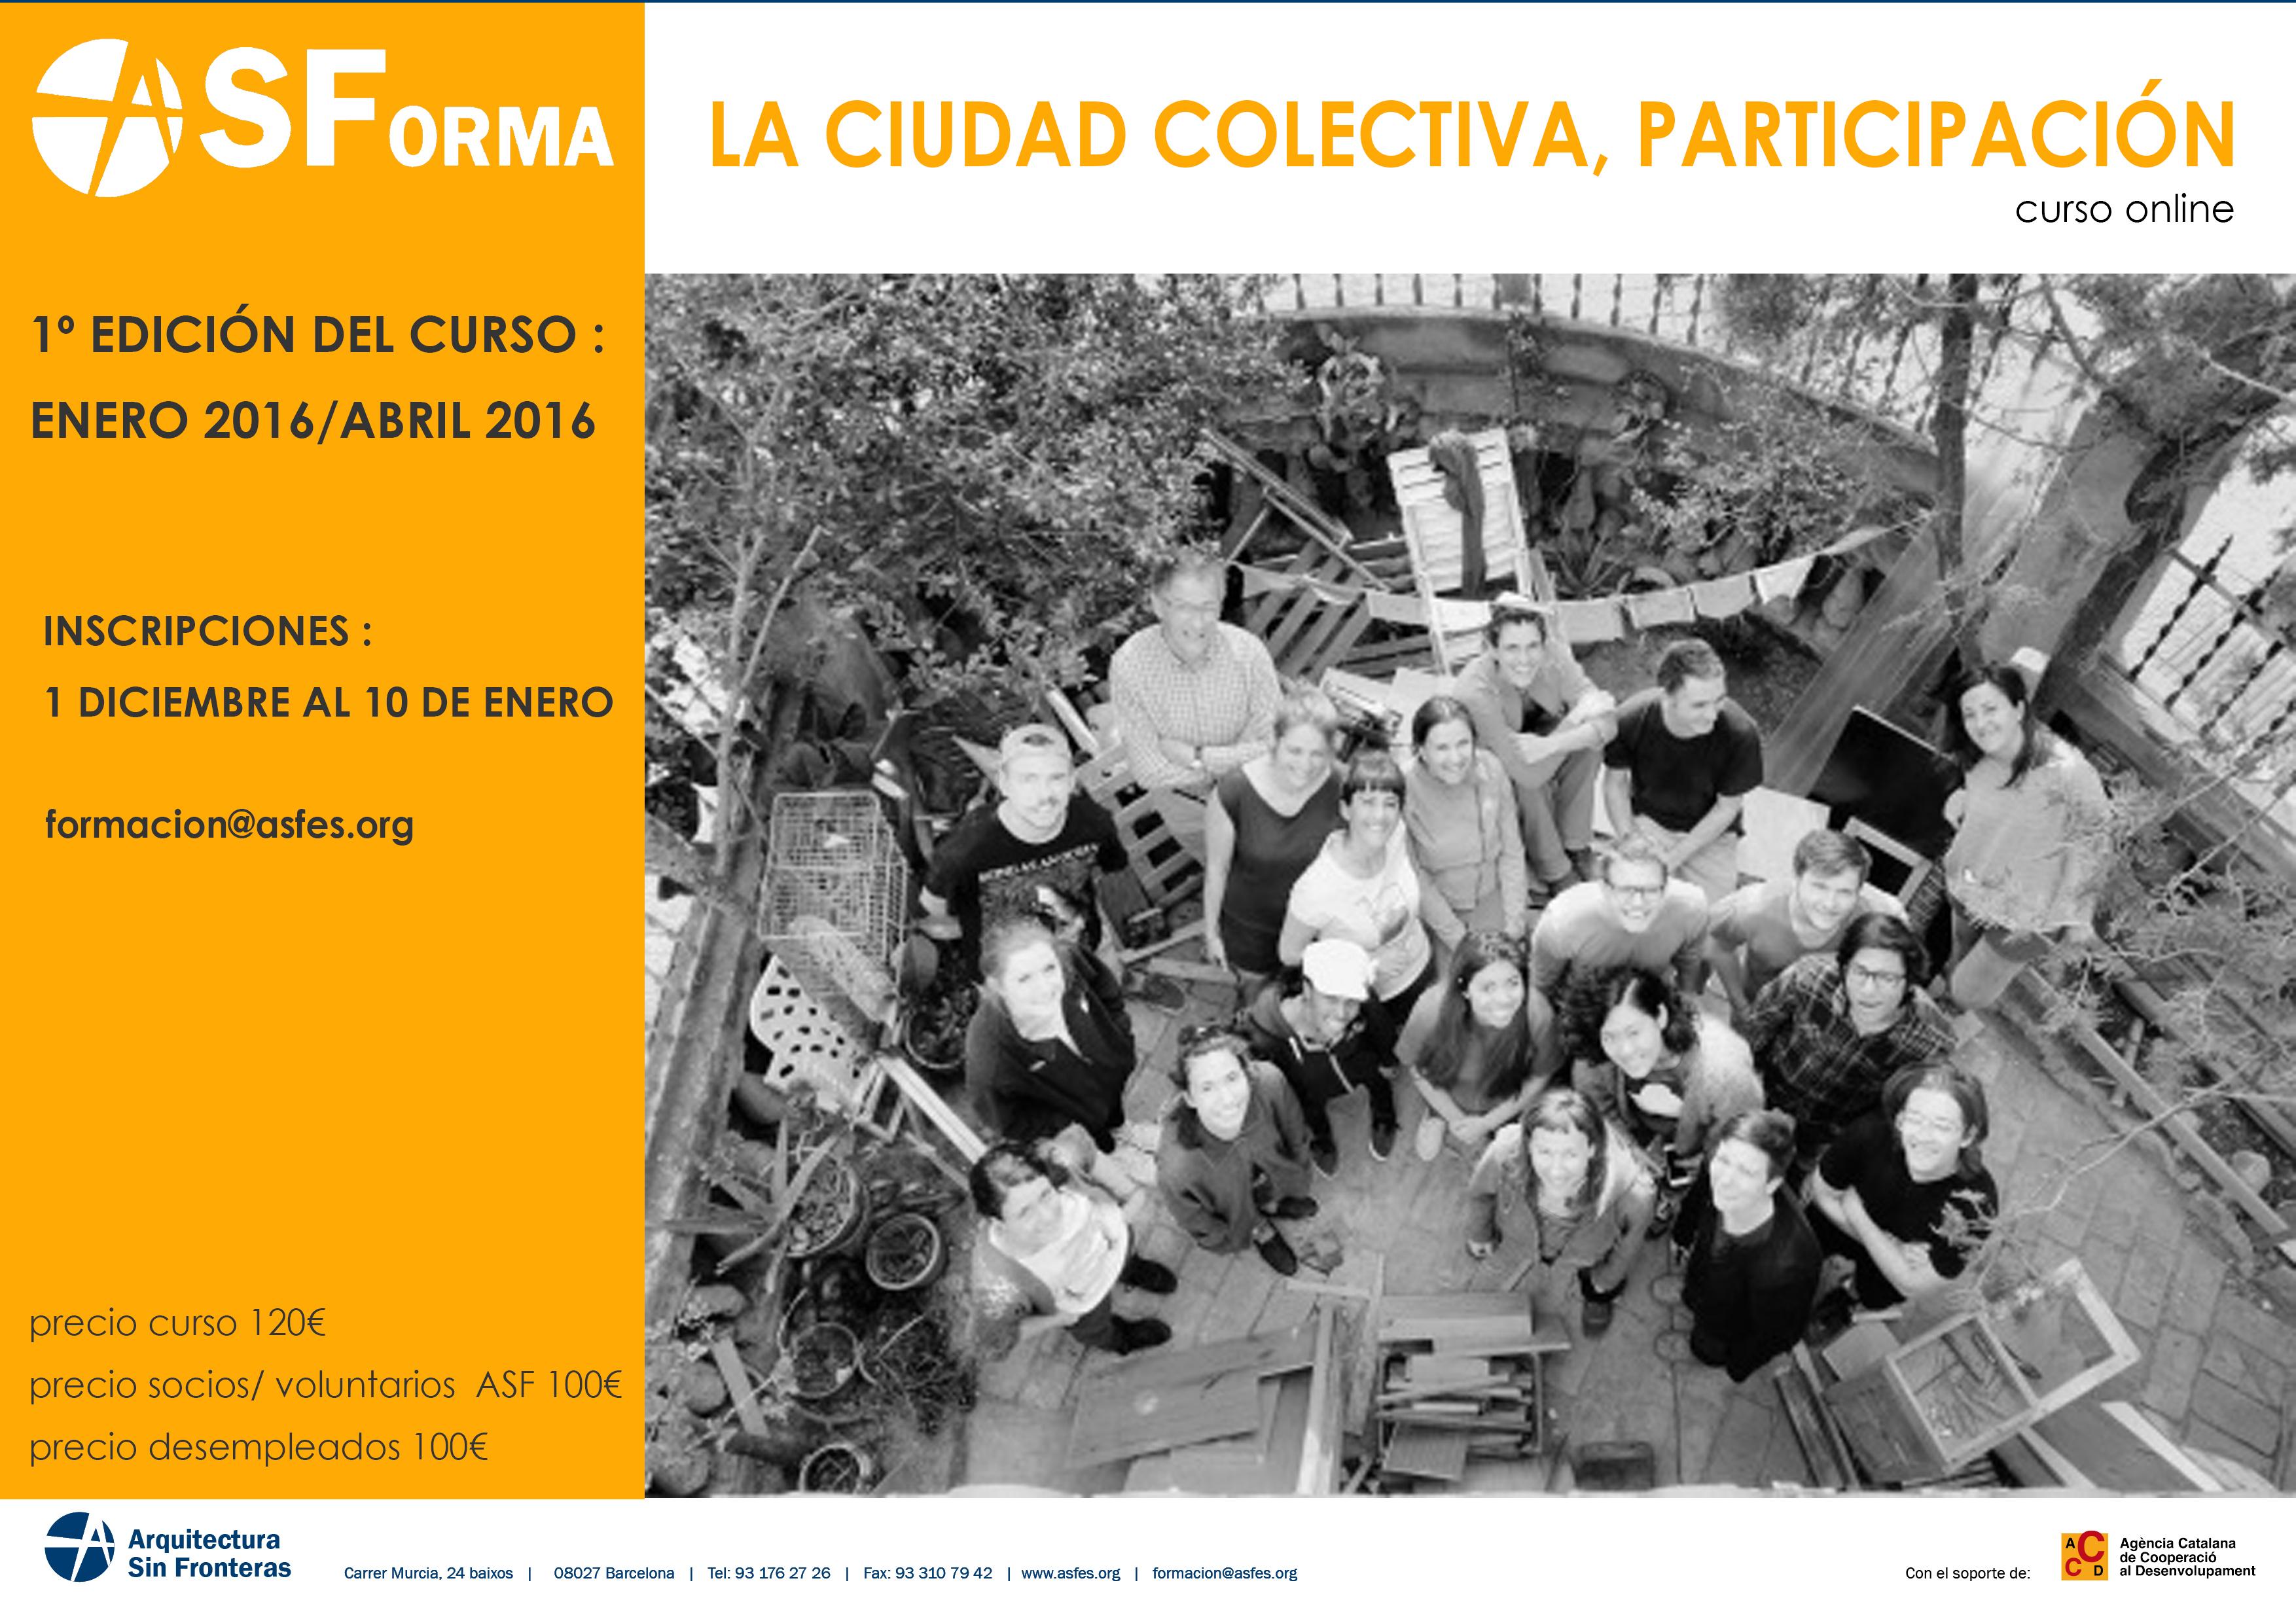 La ciudad colectiva- participación